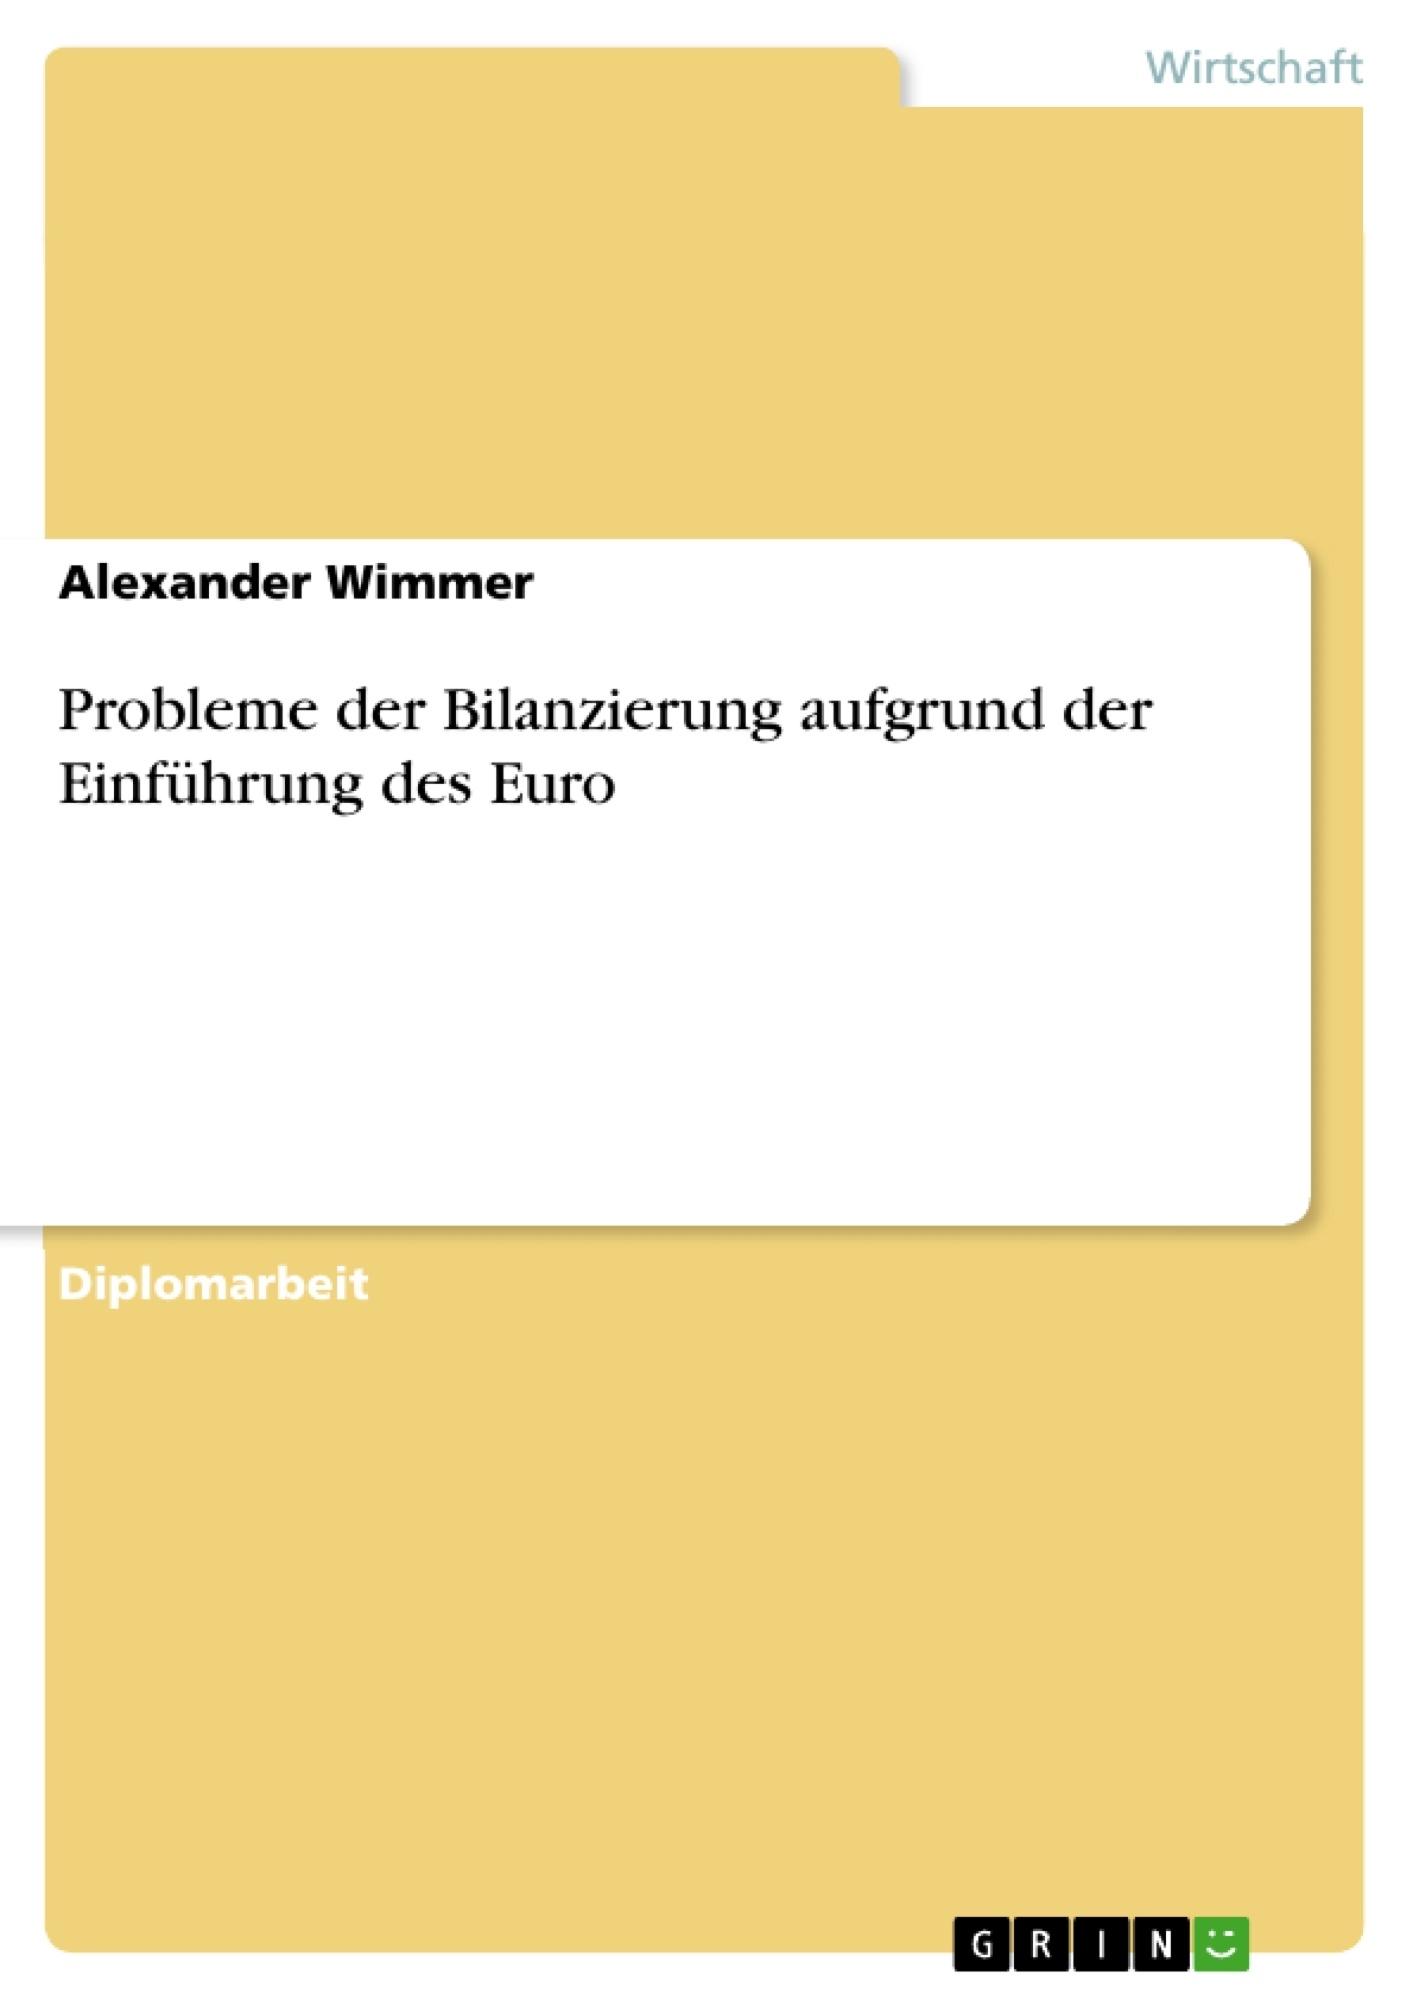 Titel: Probleme der Bilanzierung aufgrund der Einführung des Euro